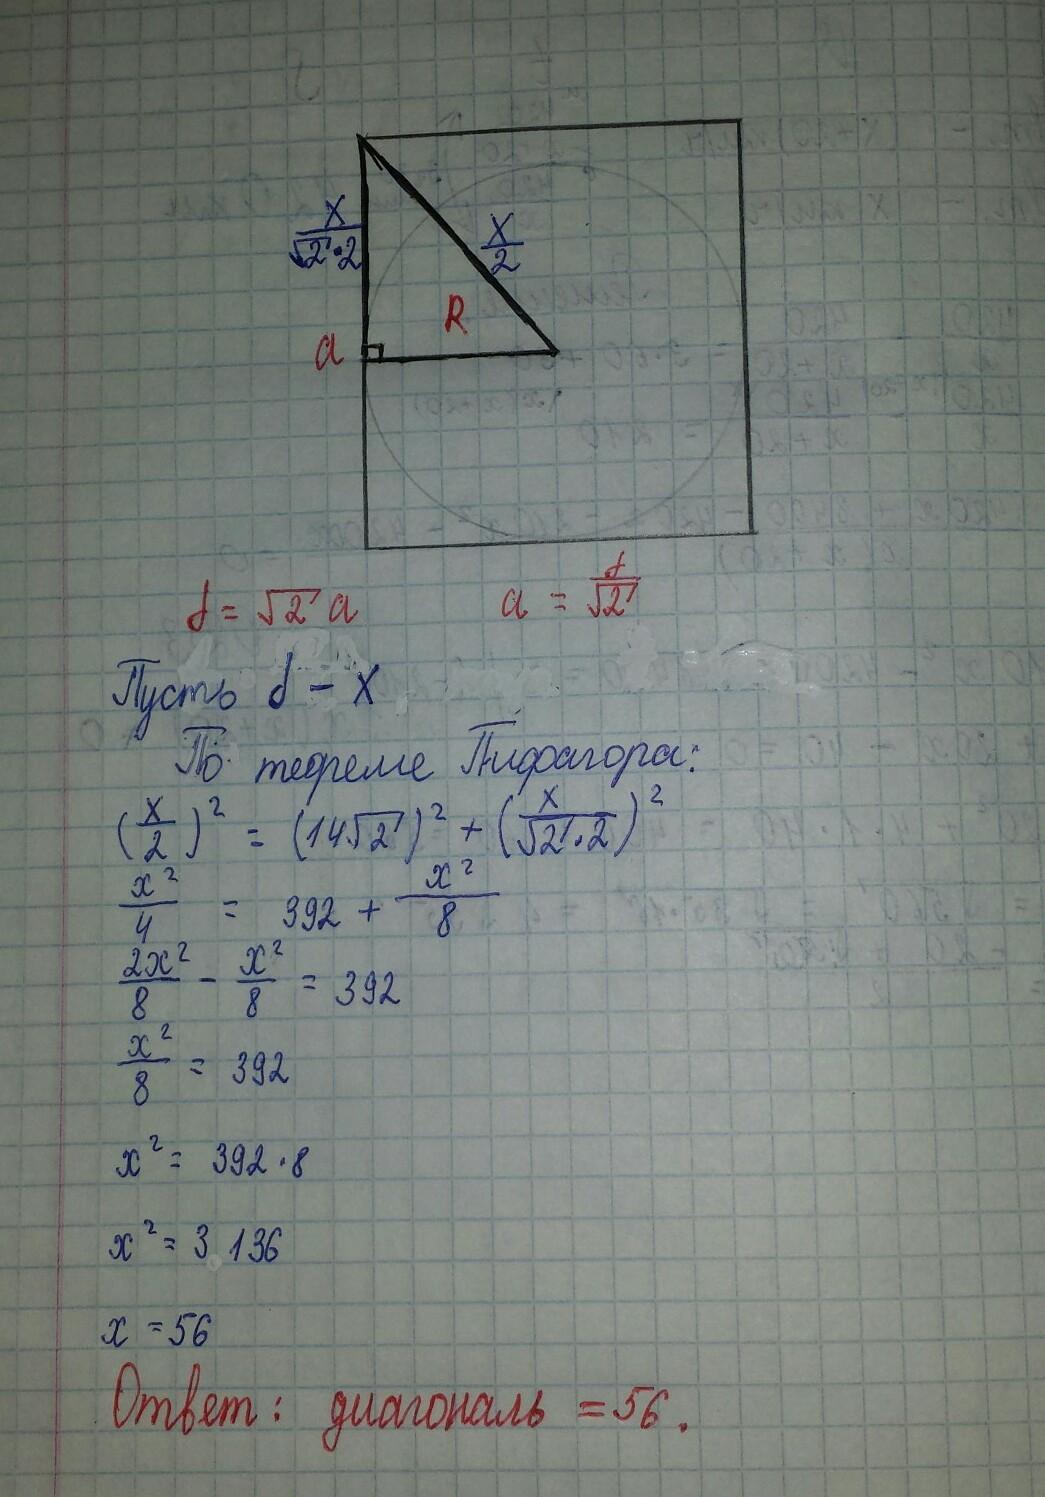 Радиус вписанной в квадрат окружности равен 14